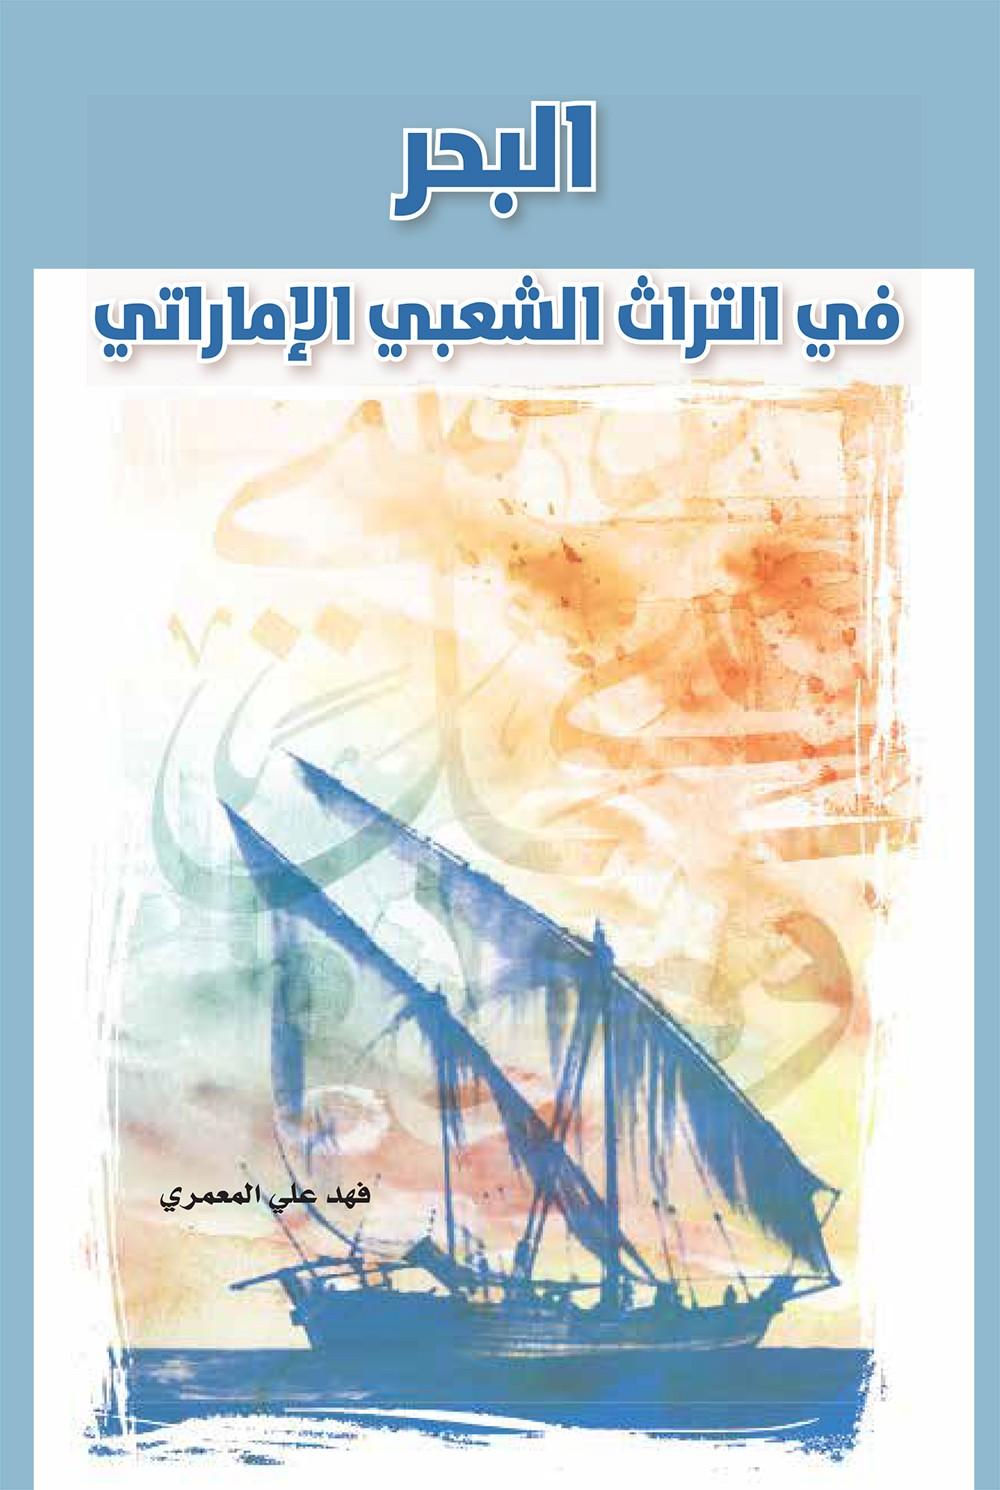 الثقافة والسياحة- أبوظبي تصدر كتاب البحر في التراث الشعبي الإماراتي